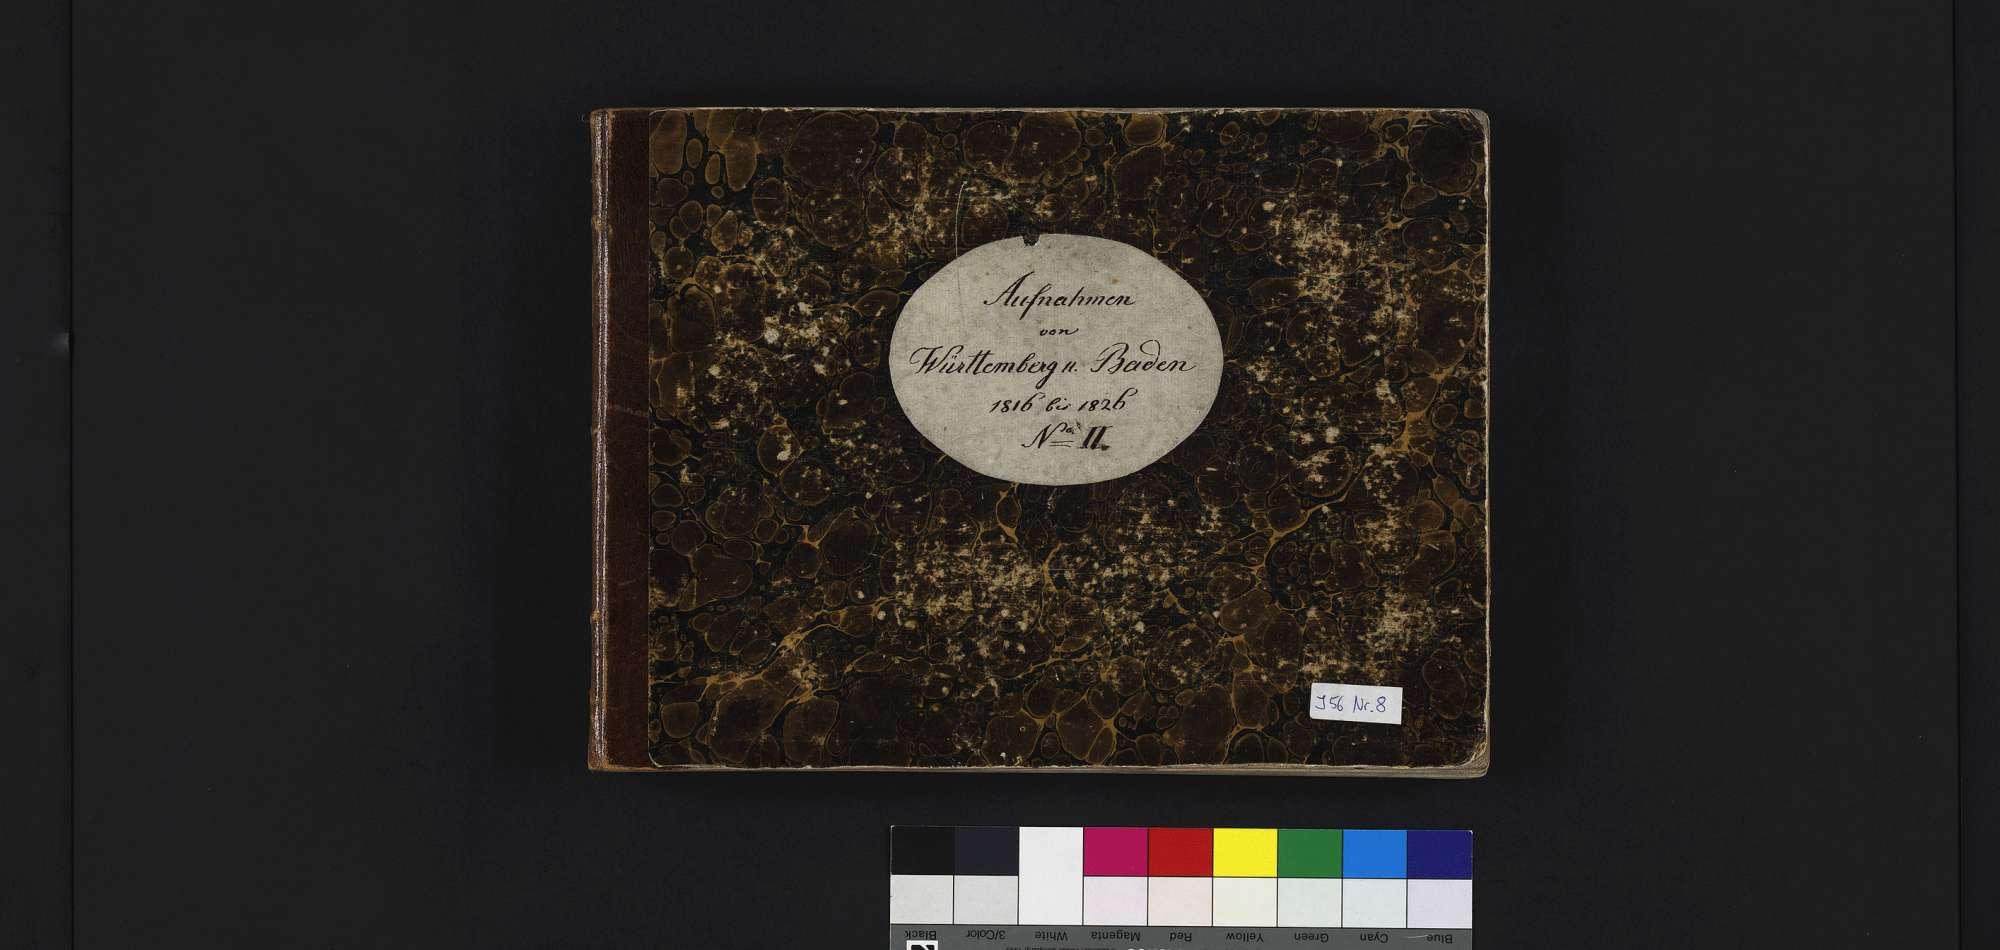 """""""Aufnahmen von Württemberg und Baden <sowie Worms,Speyer,Neu-Ulm> 1816 - 1826"""", Bild 2"""